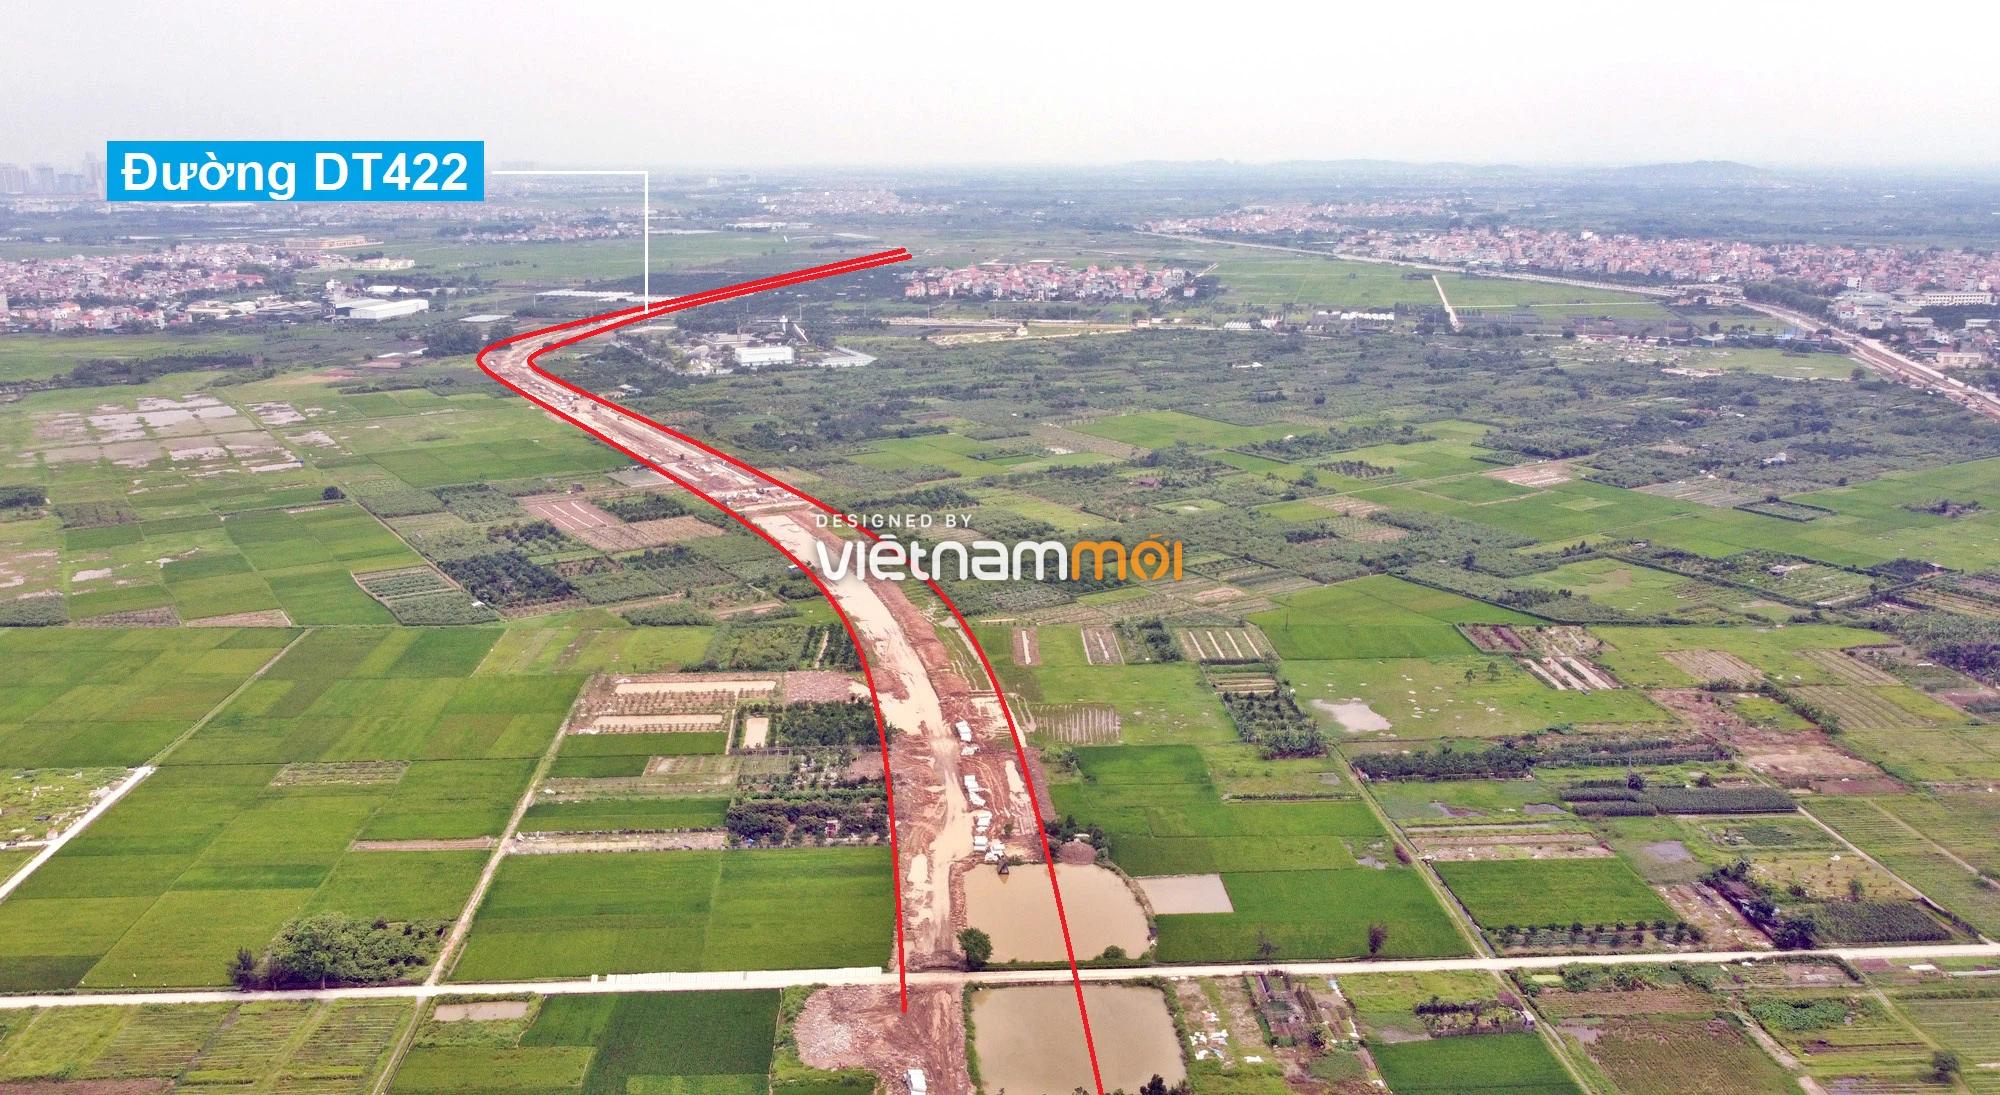 Toàn cảnh đường Liên khu vực 1 từ Đức Thượng đến Song Phương đang mở theo quy hoạch ở Hà Nội - Ảnh 7.